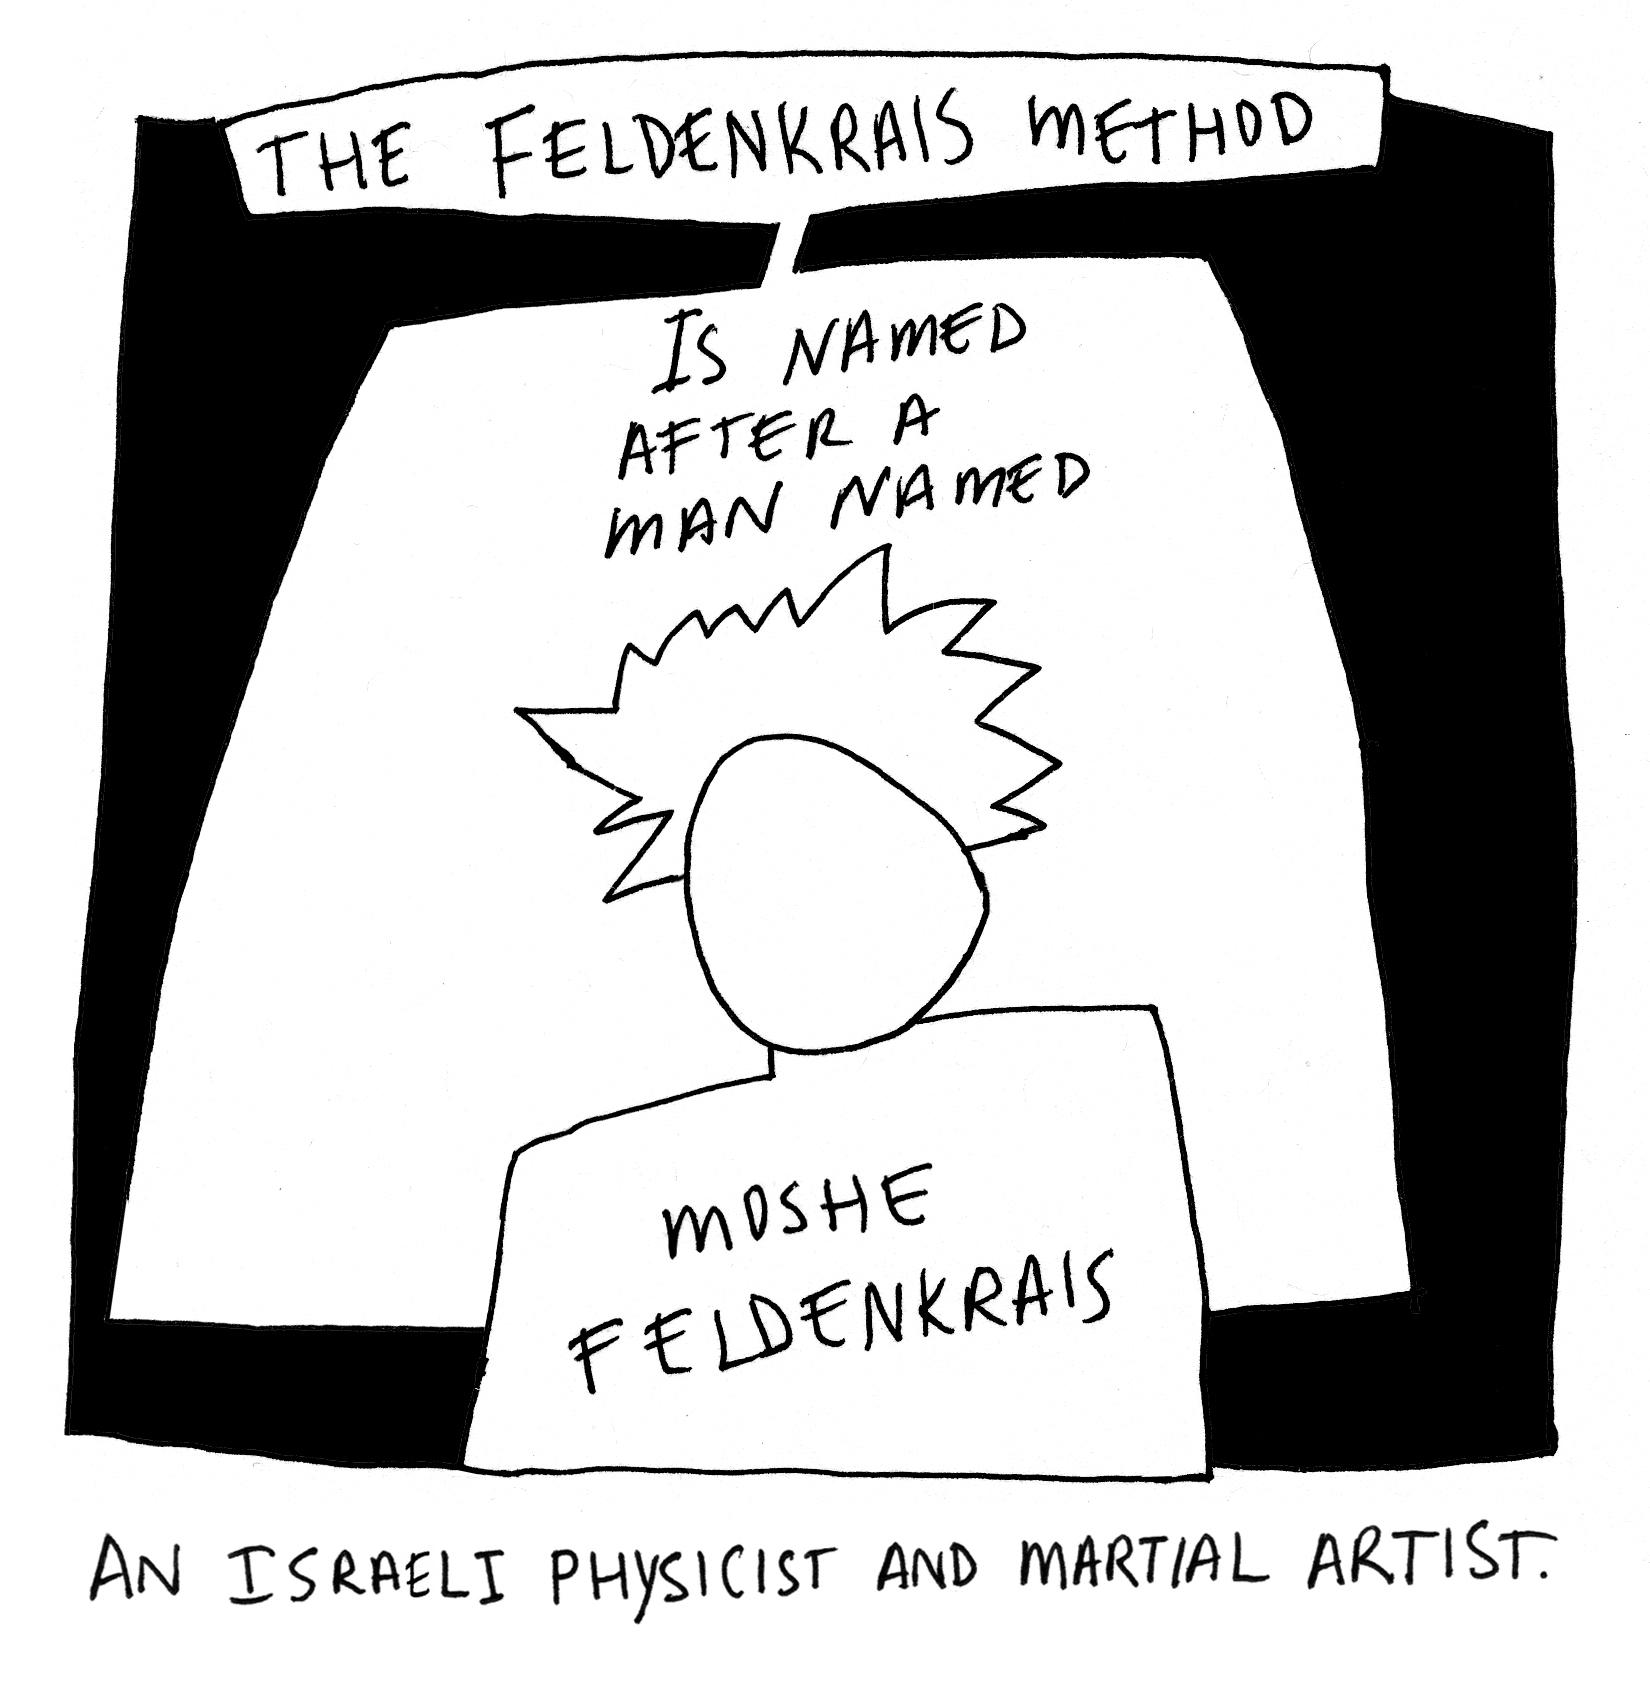 4 the feldenkrais method is named with 2nd line-c2.jpg